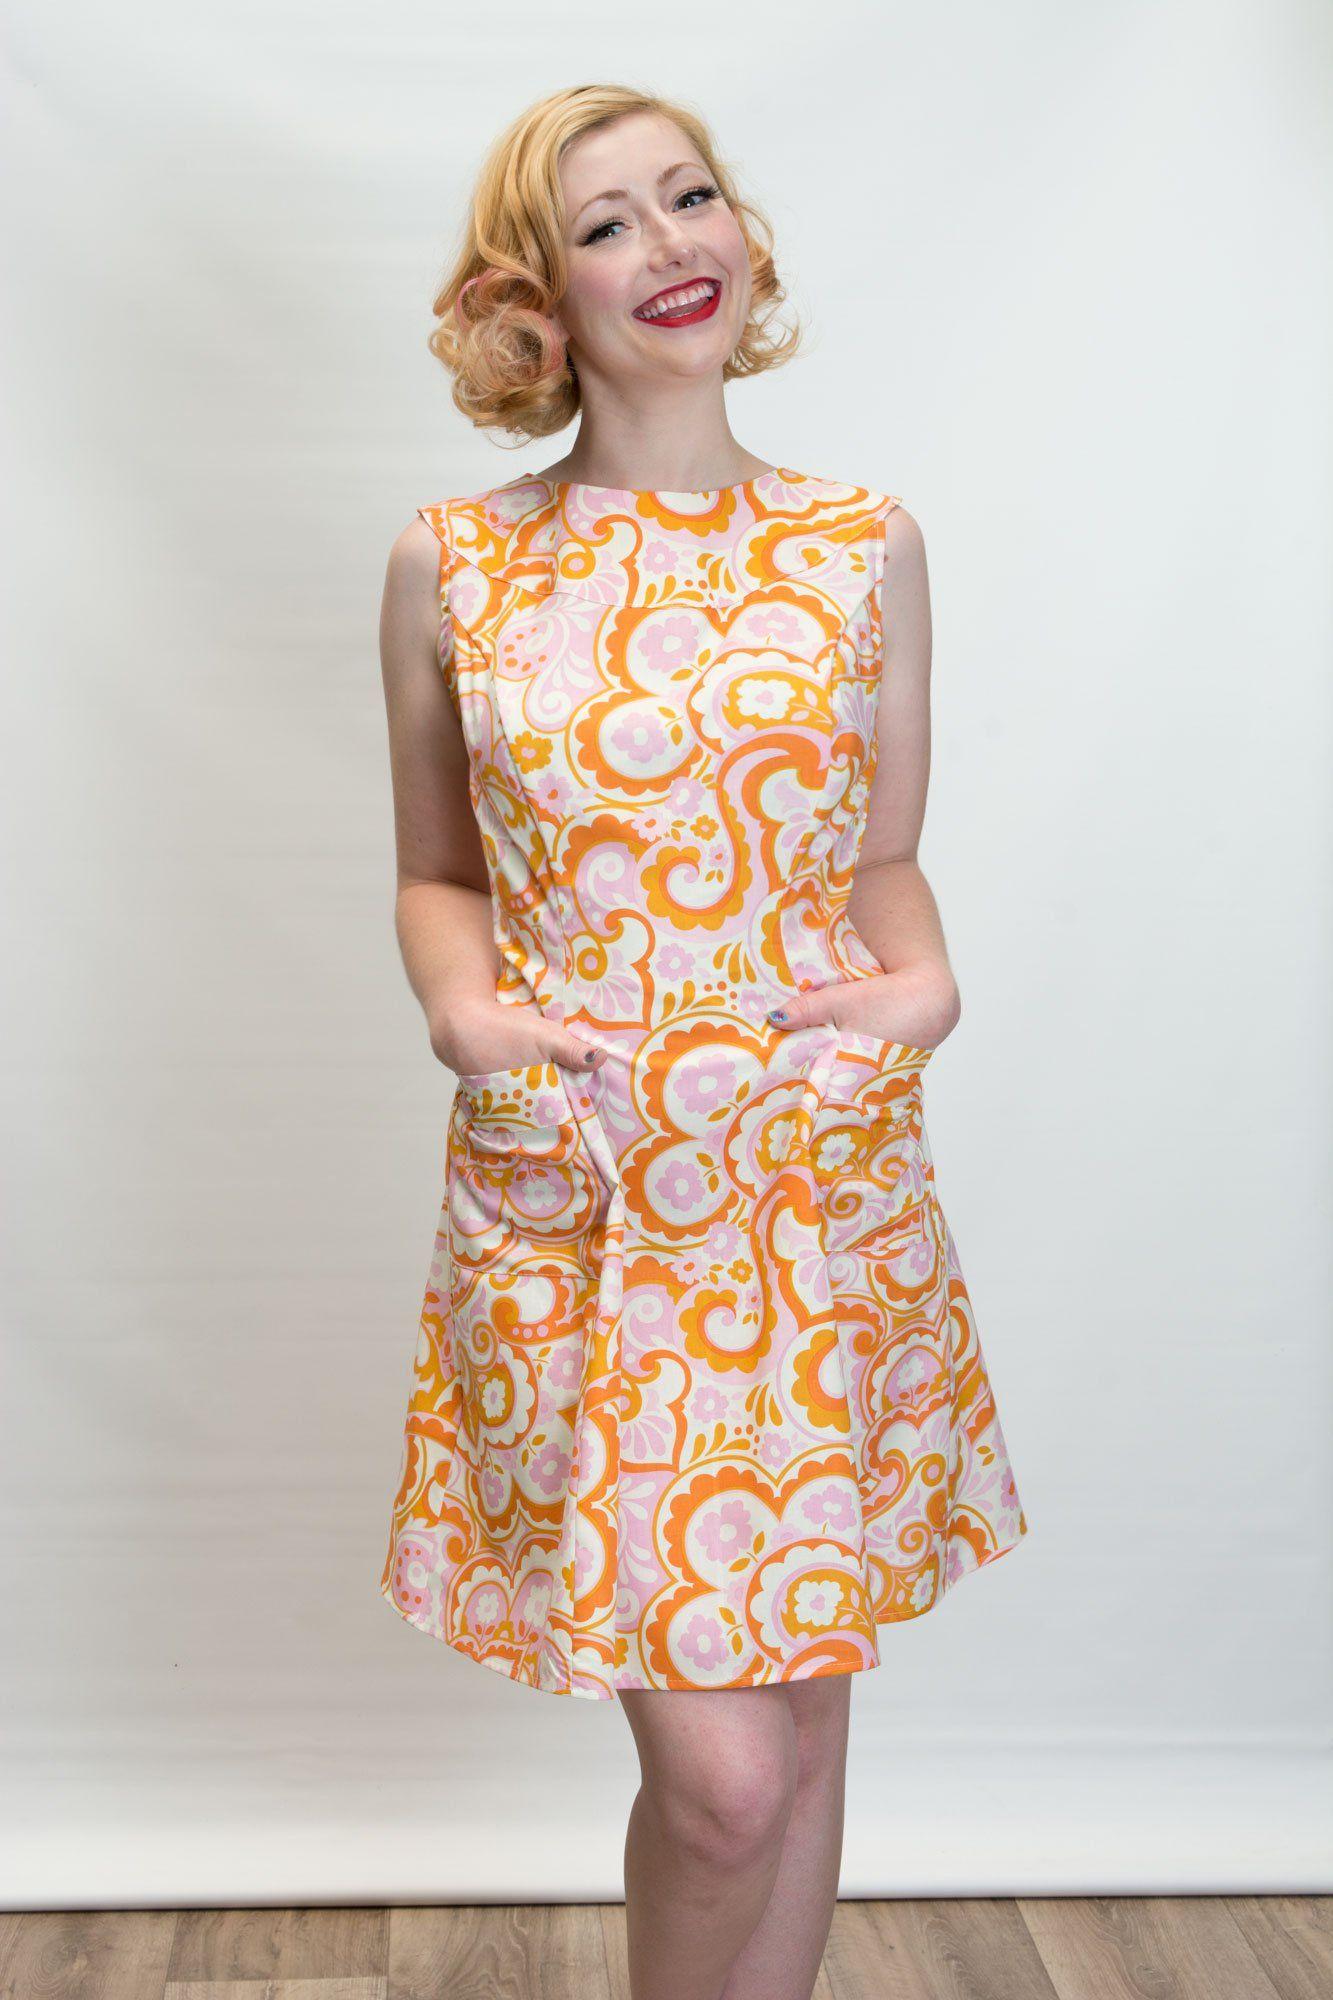 60s Dresses 1960s Dresses Mod Mini Hippie Mod Dress Vintage Girls Clothes Gogo Dress [ 2000 x 1333 Pixel ]